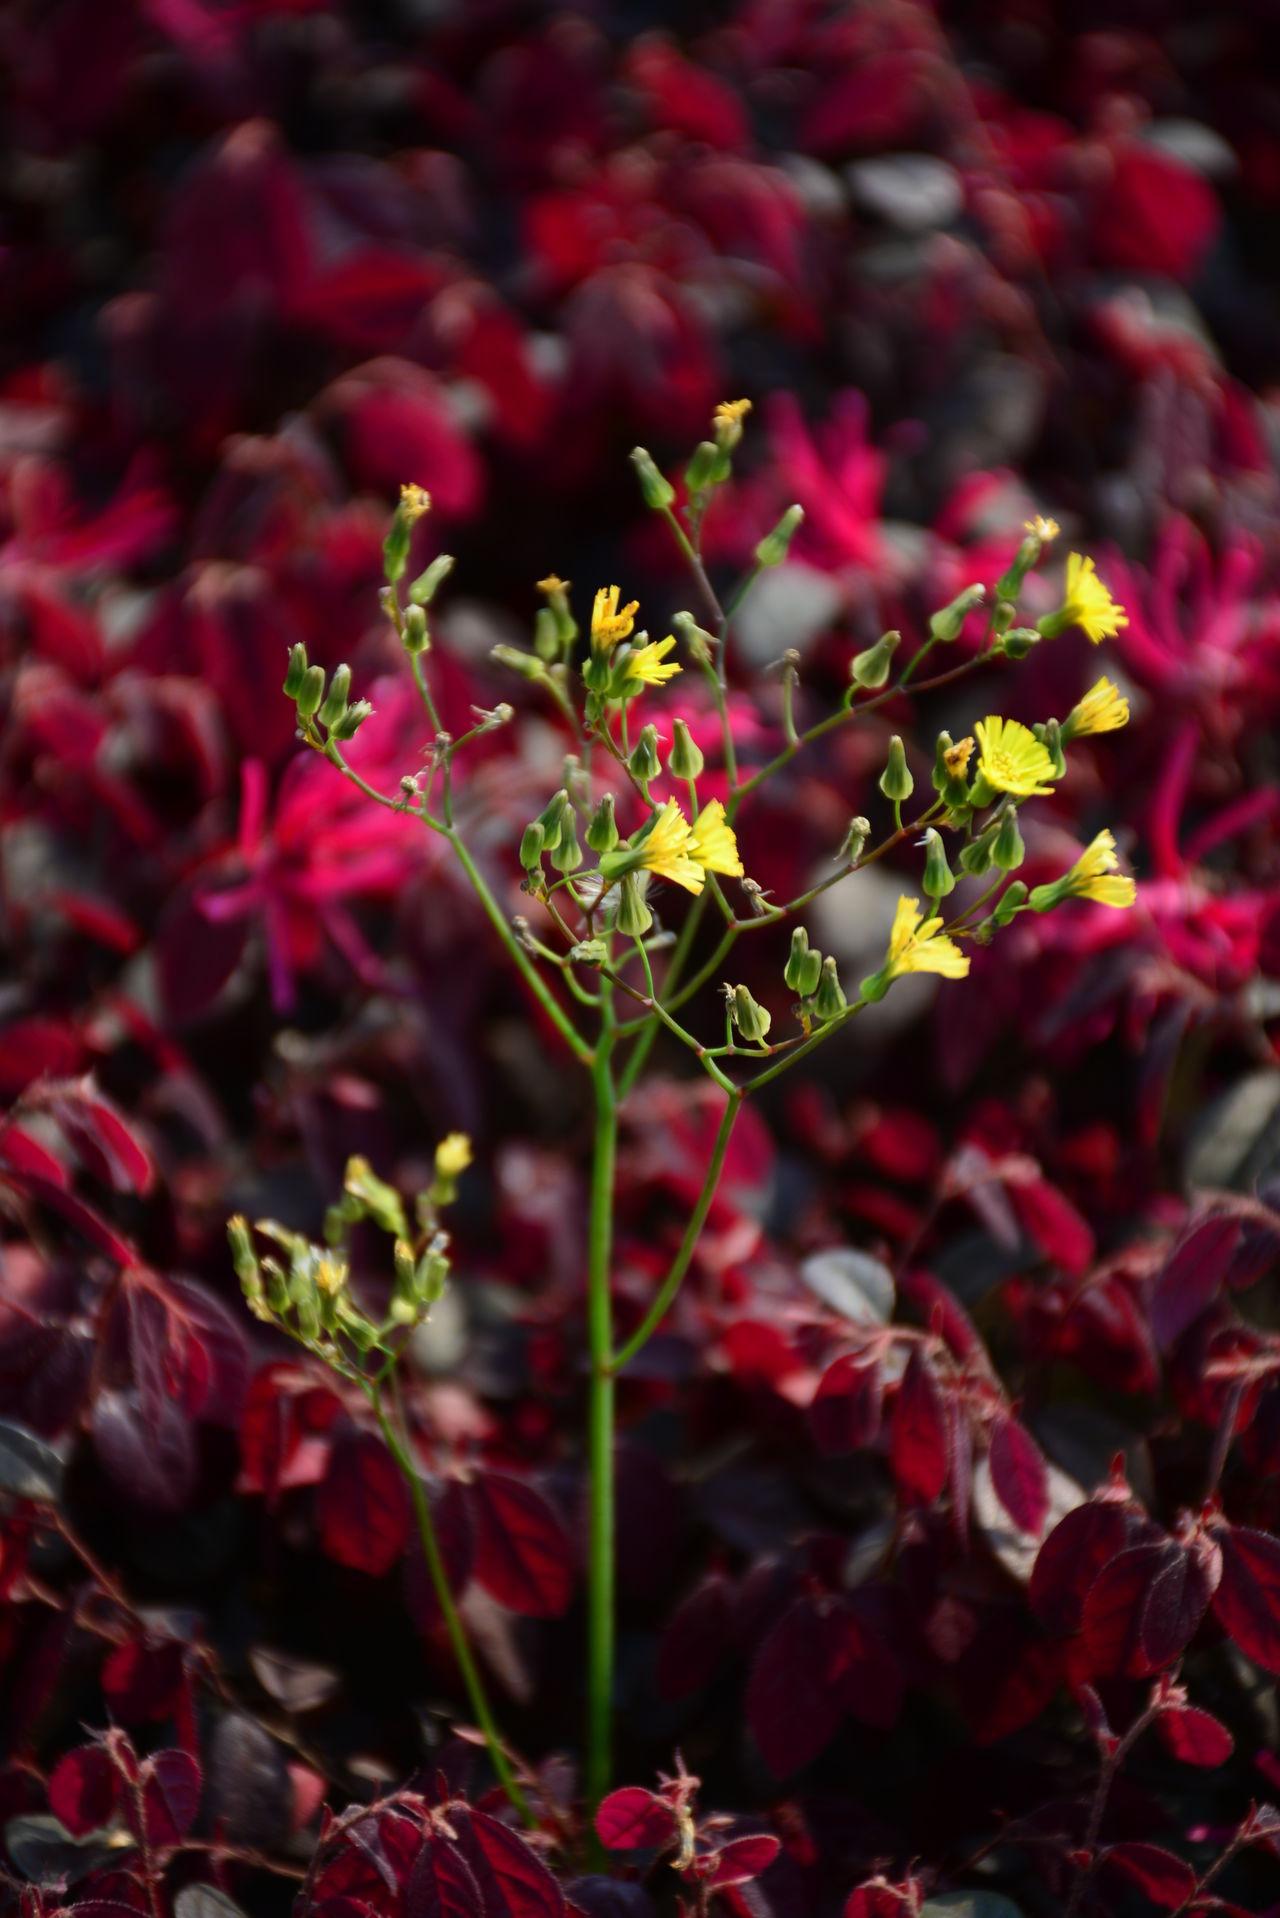 随记 Blackandwhite Flowers Red Spring Flowers 校园一角 校园风景 🍂🍃 椅子 椅子のある風景 爱 爱一朵花 爱情经过的地方 爱摄影 爱生活 石 石头 石头记 紫色 花